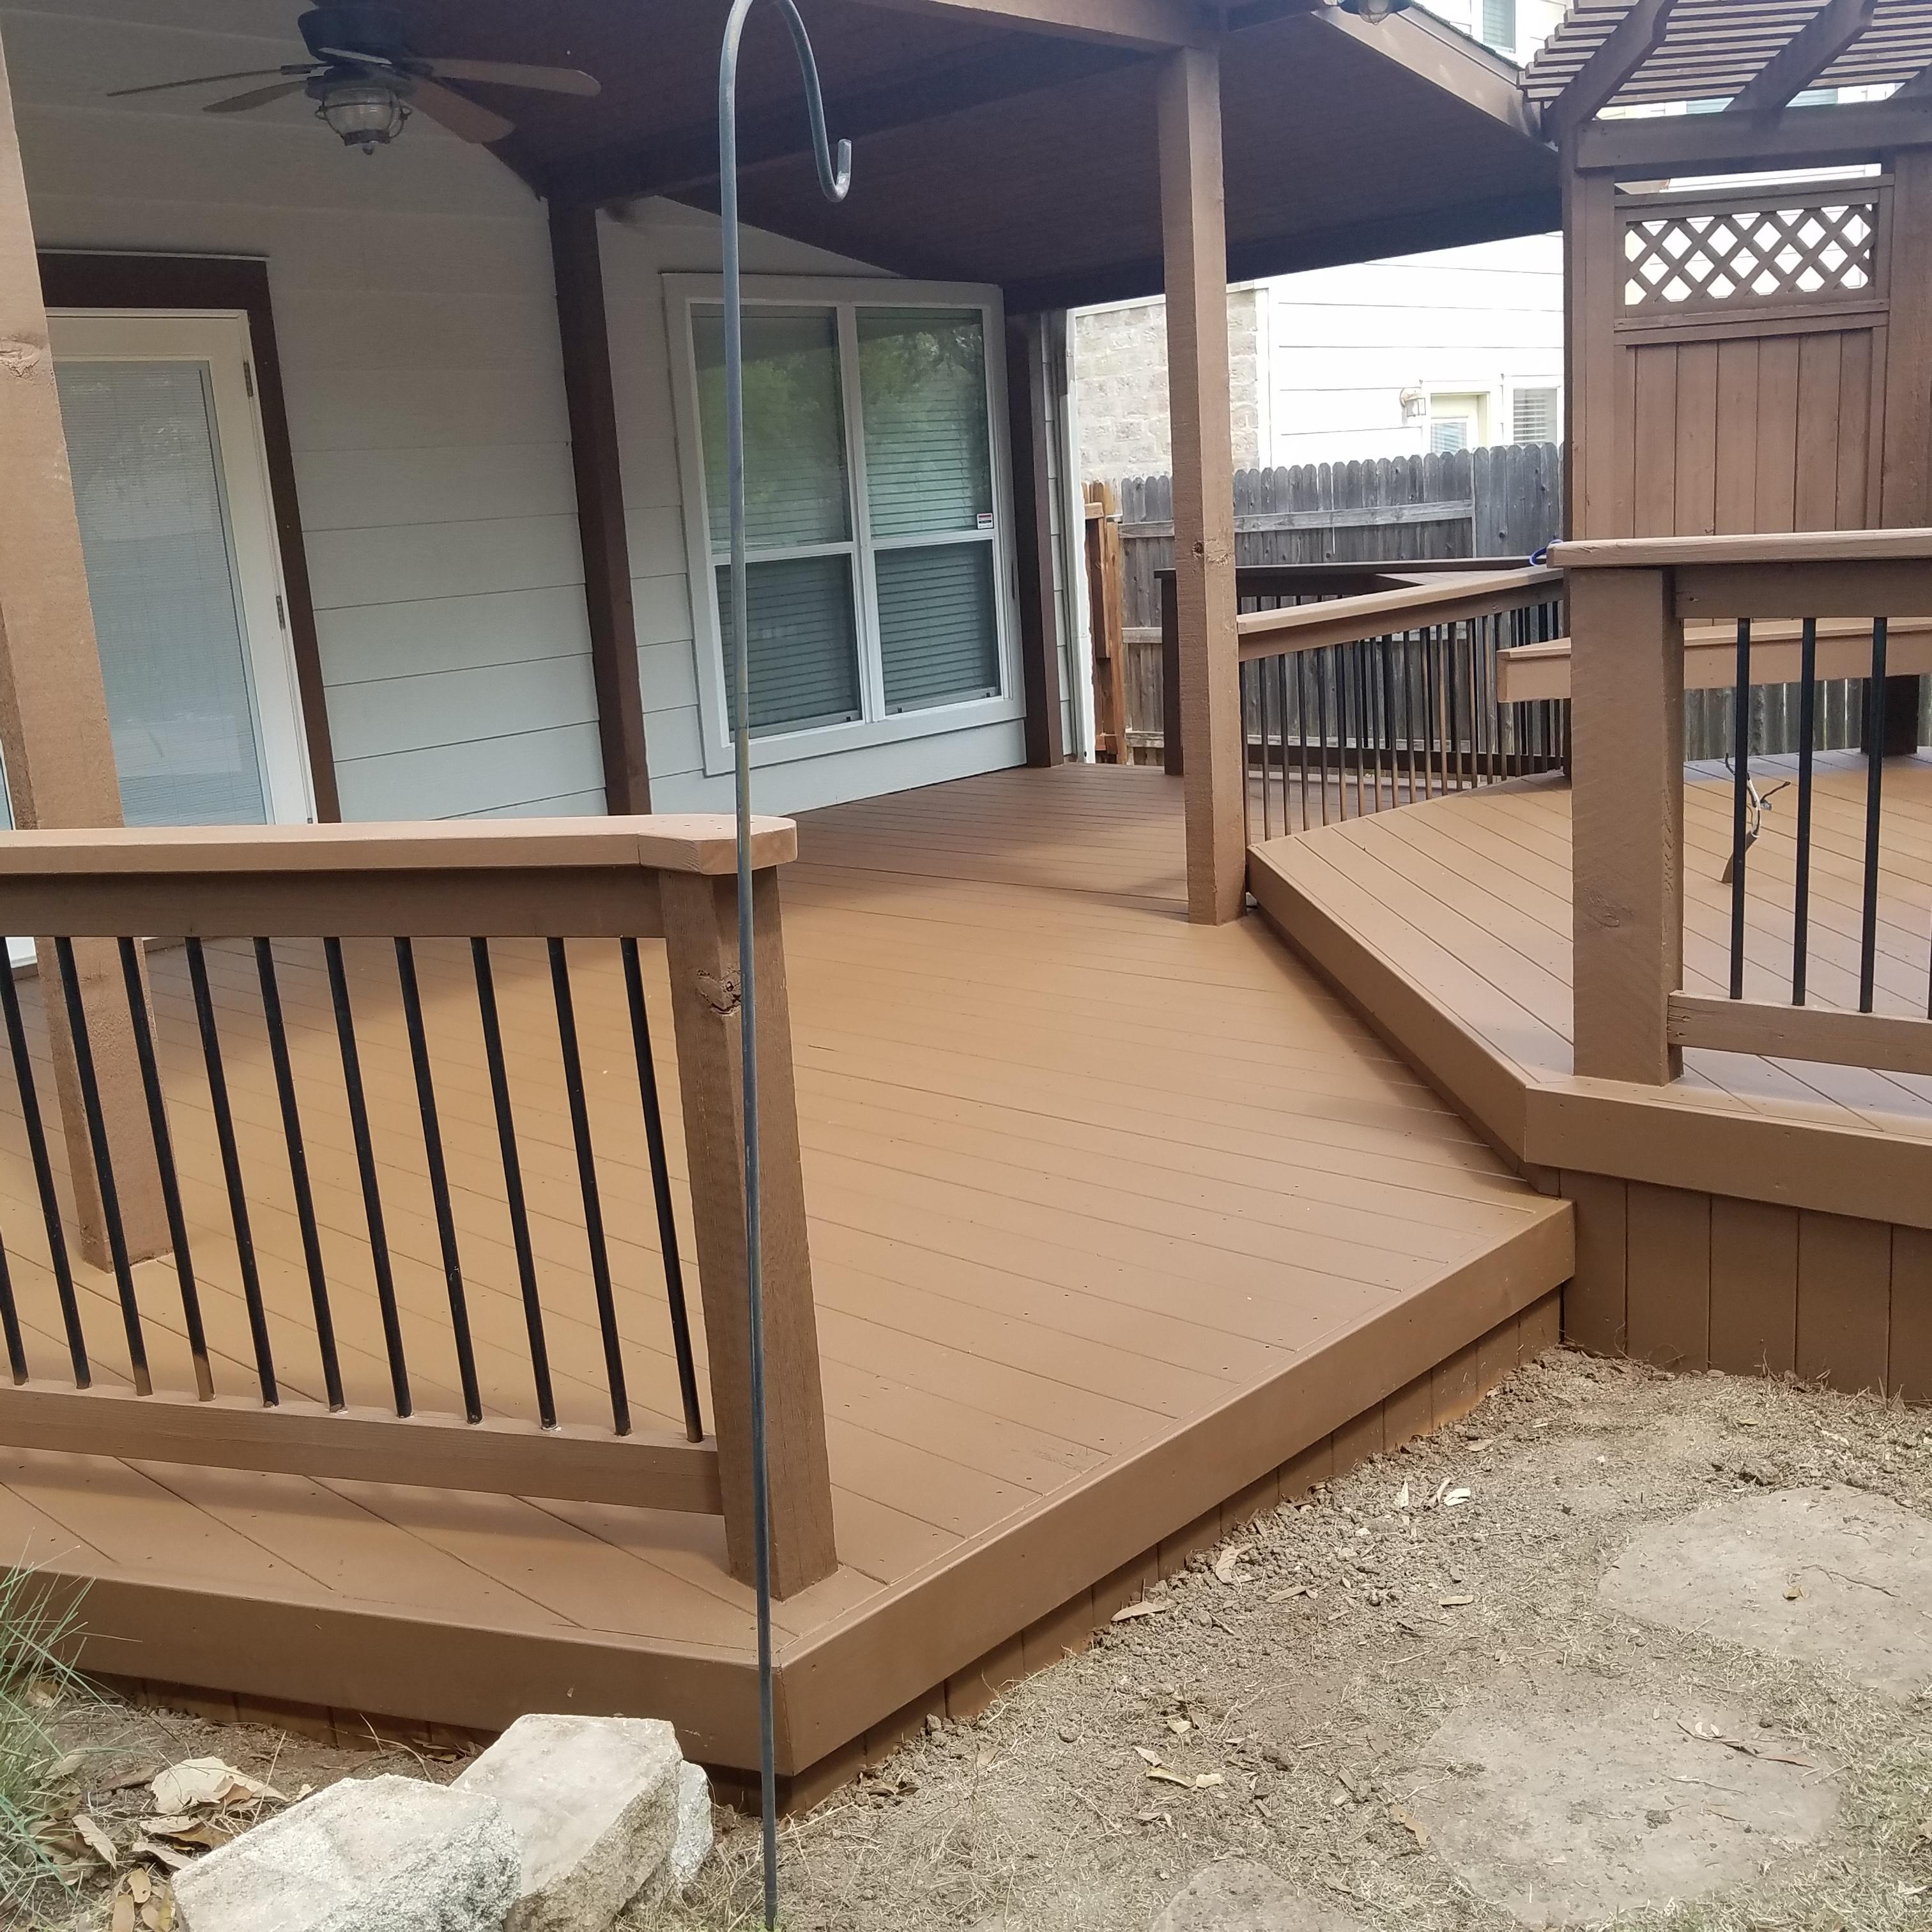 Patio Deck Builders San Antonio: Custom Decks & Porches